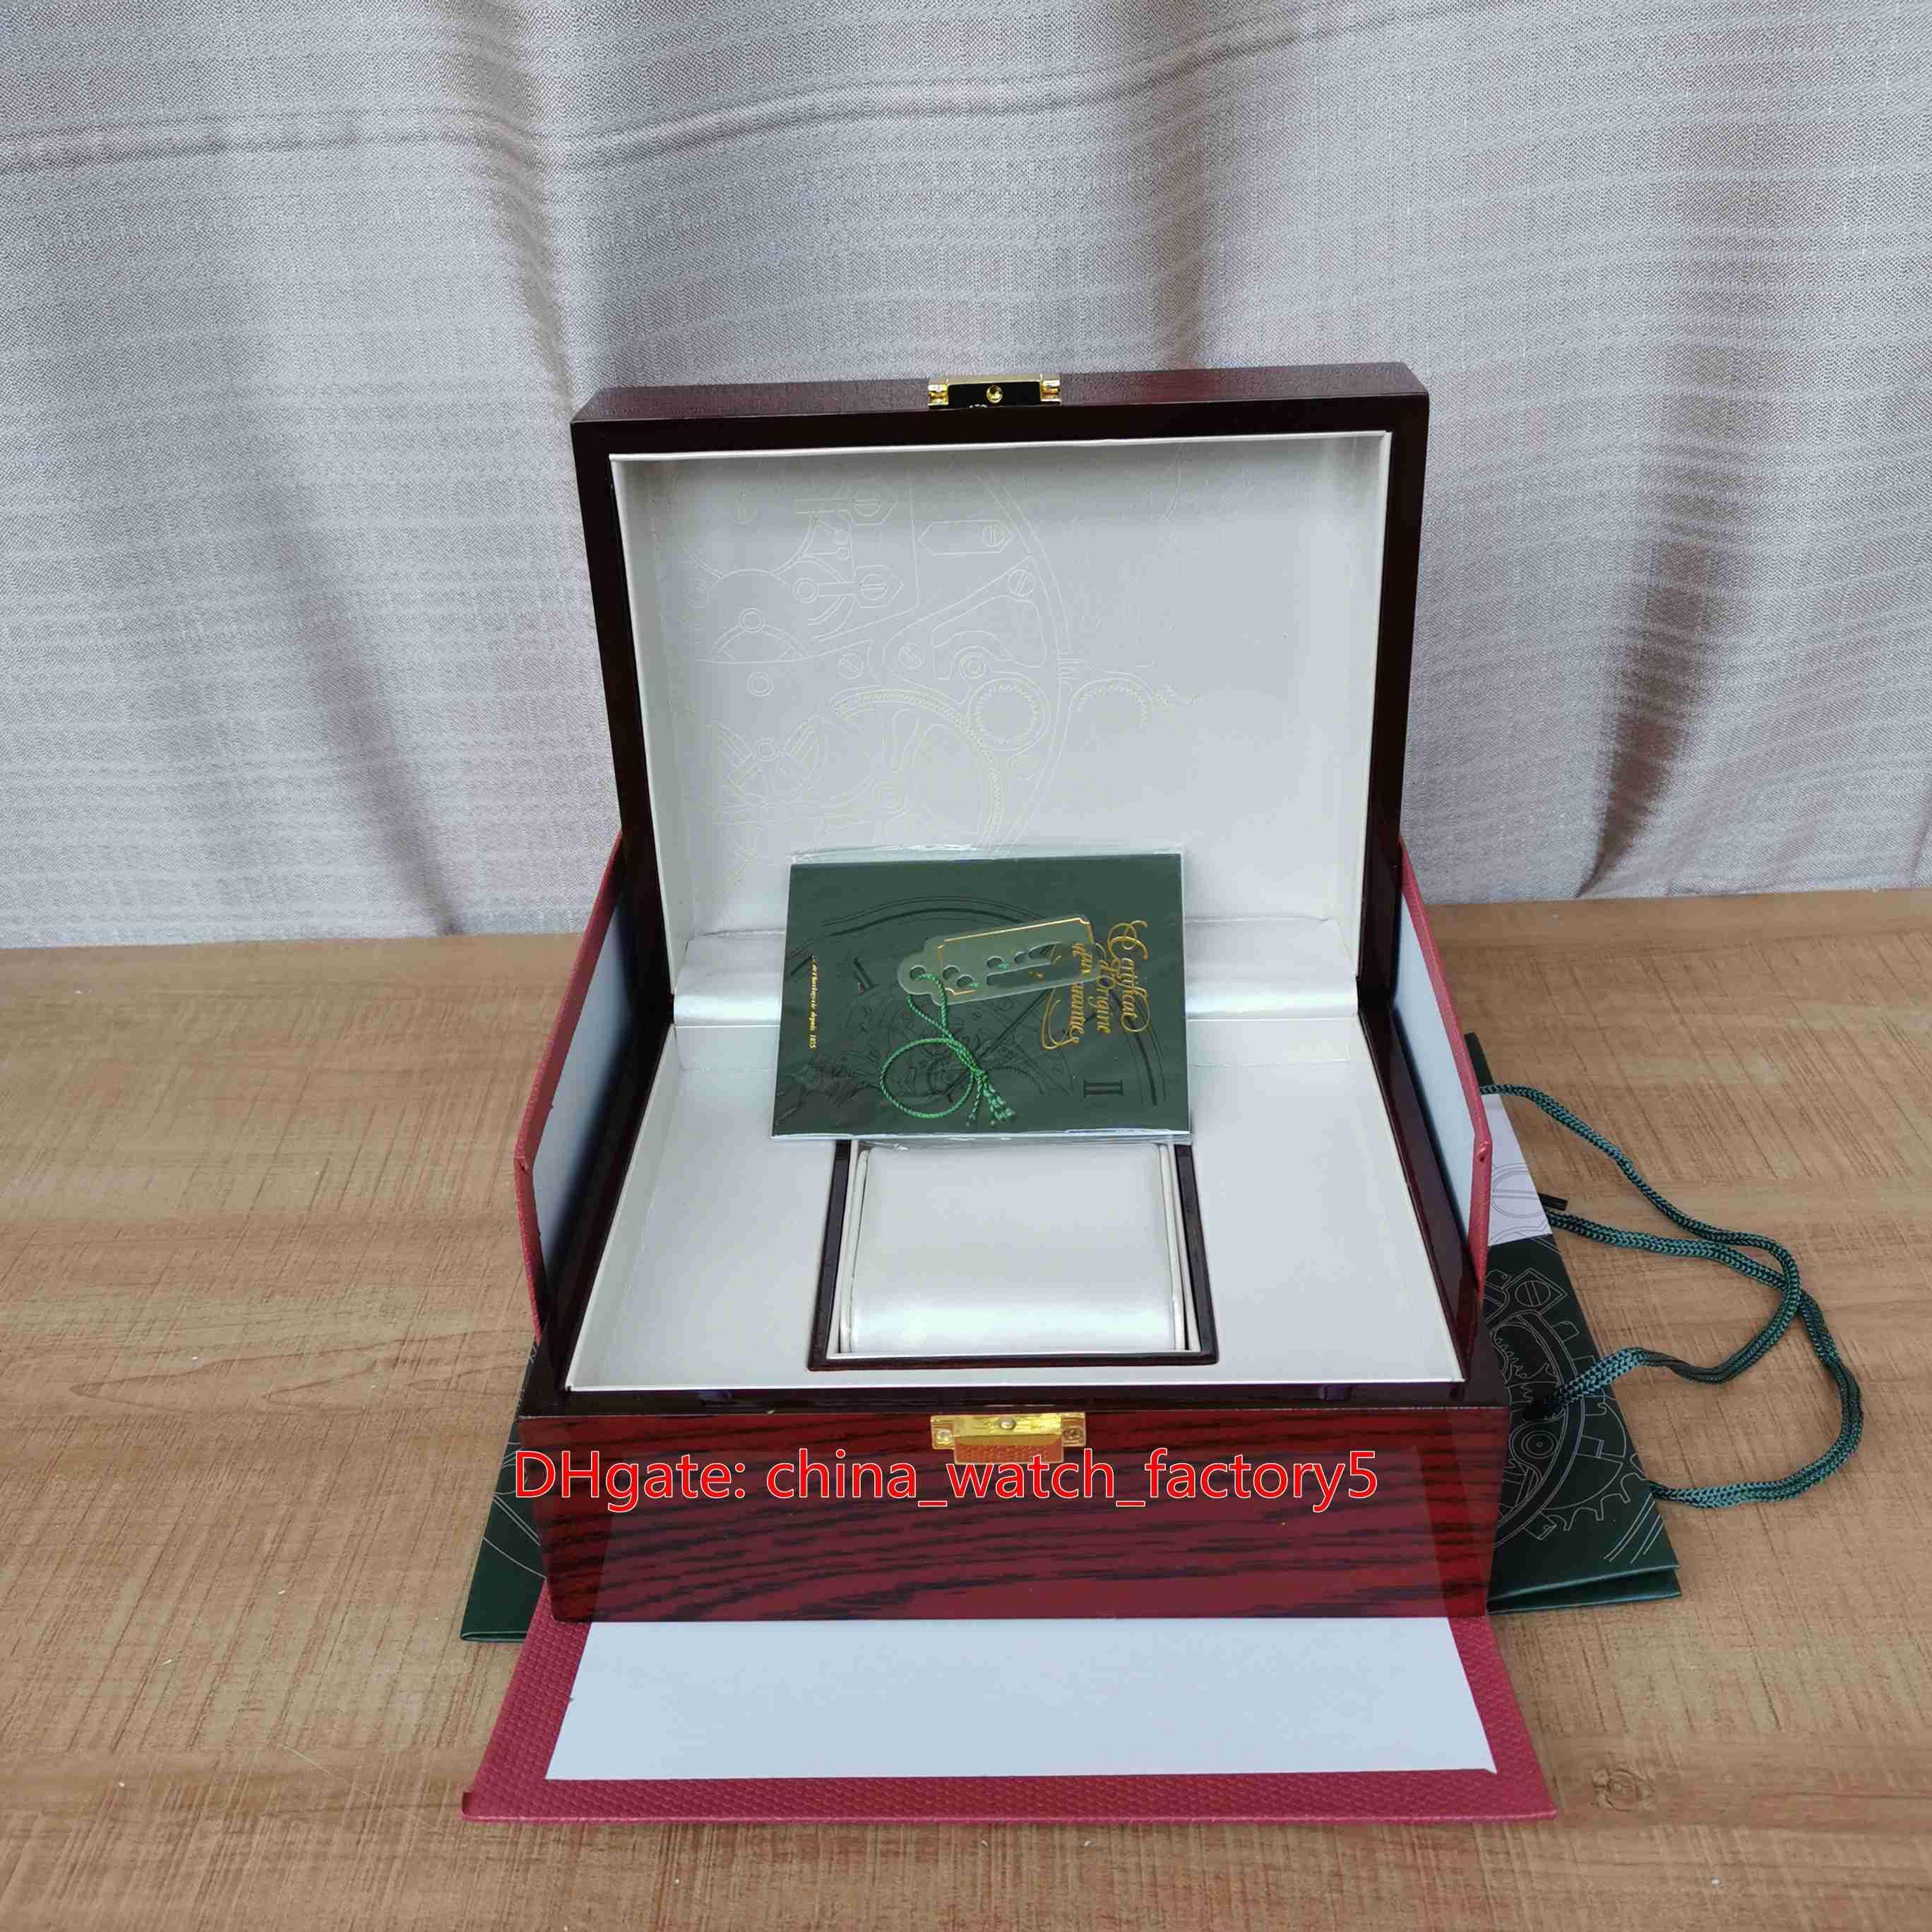 Отличное Высокое Качество AP Часы Коробки Оригинальные Документы Красная Деревянная Кожаная Кожаная Коробка Блокировка Сумка 20 мм х 16 мм 1 кг для 15400 15703 15500 15202 26320 Часы Наручные часы